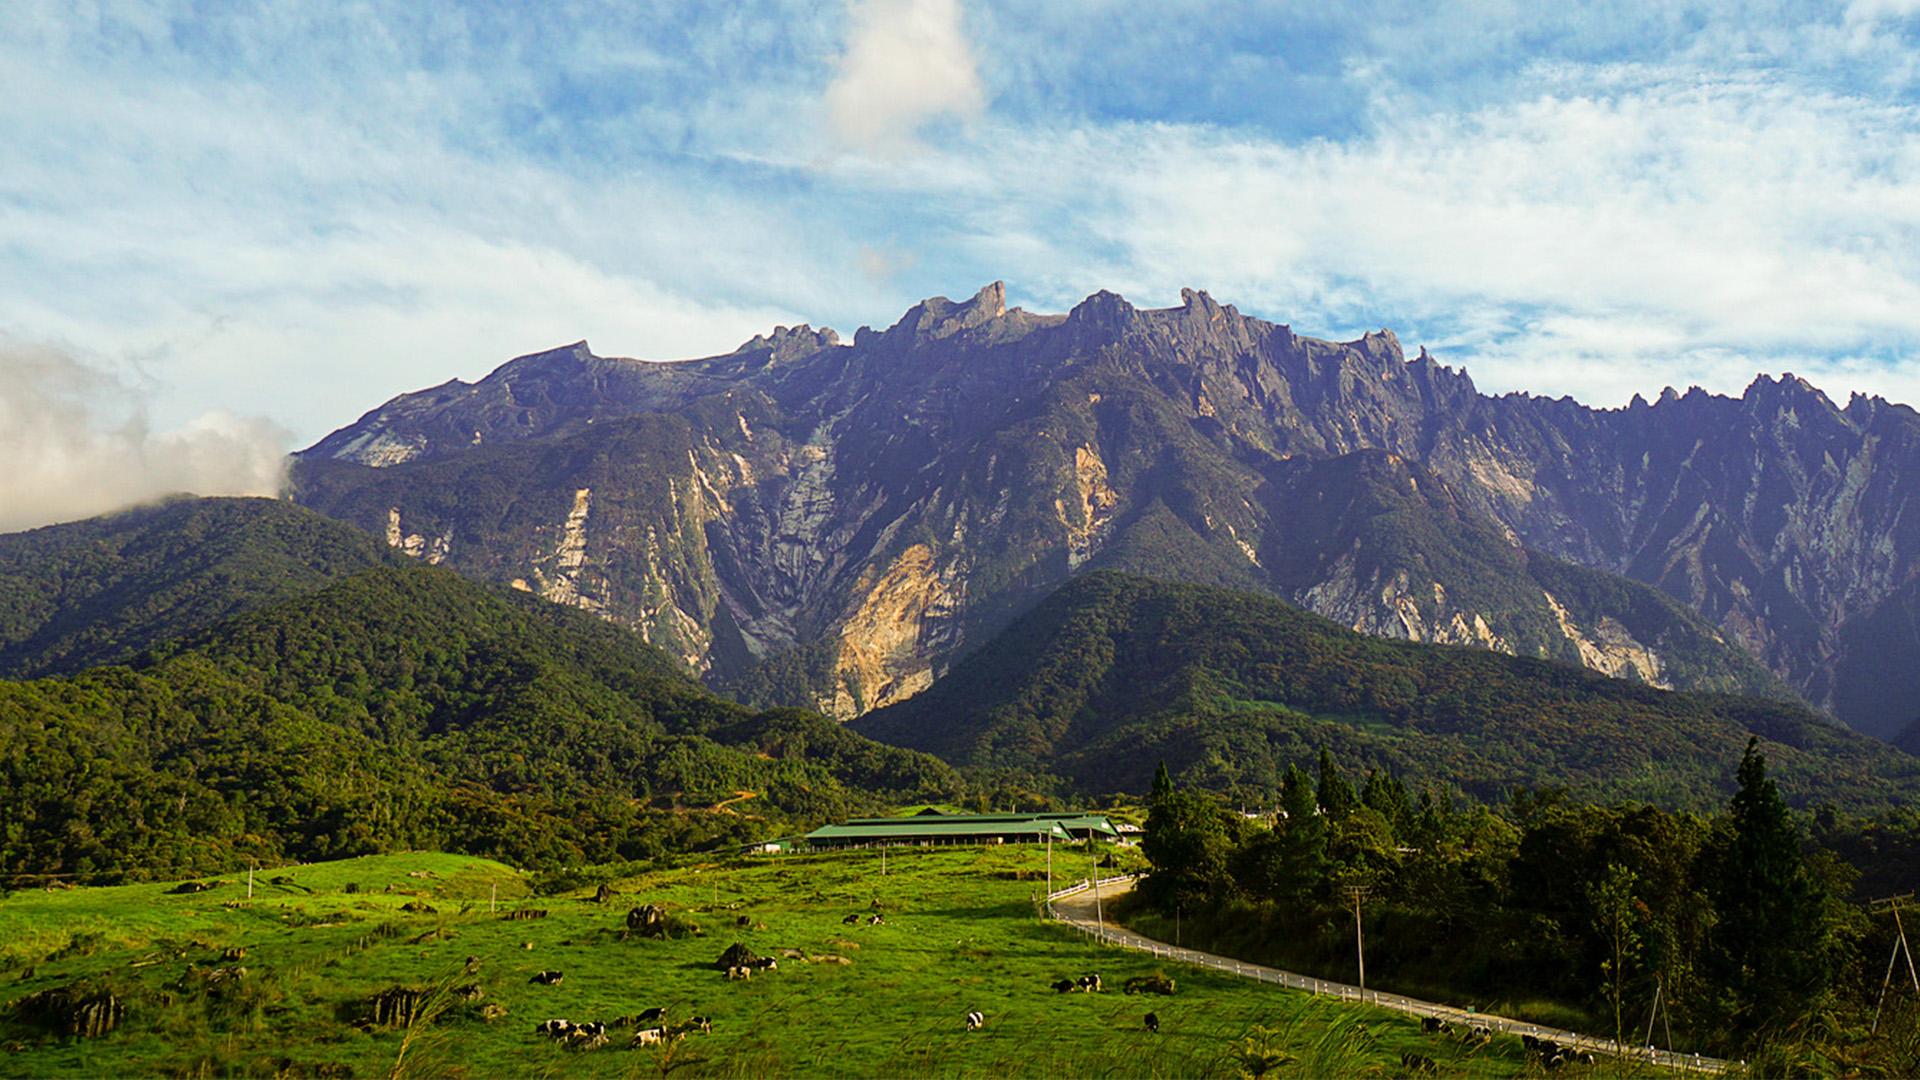 【沙巴神山一日遊】神山、神山牧場、波令溫泉、樹頂吊橋(小團拼團)